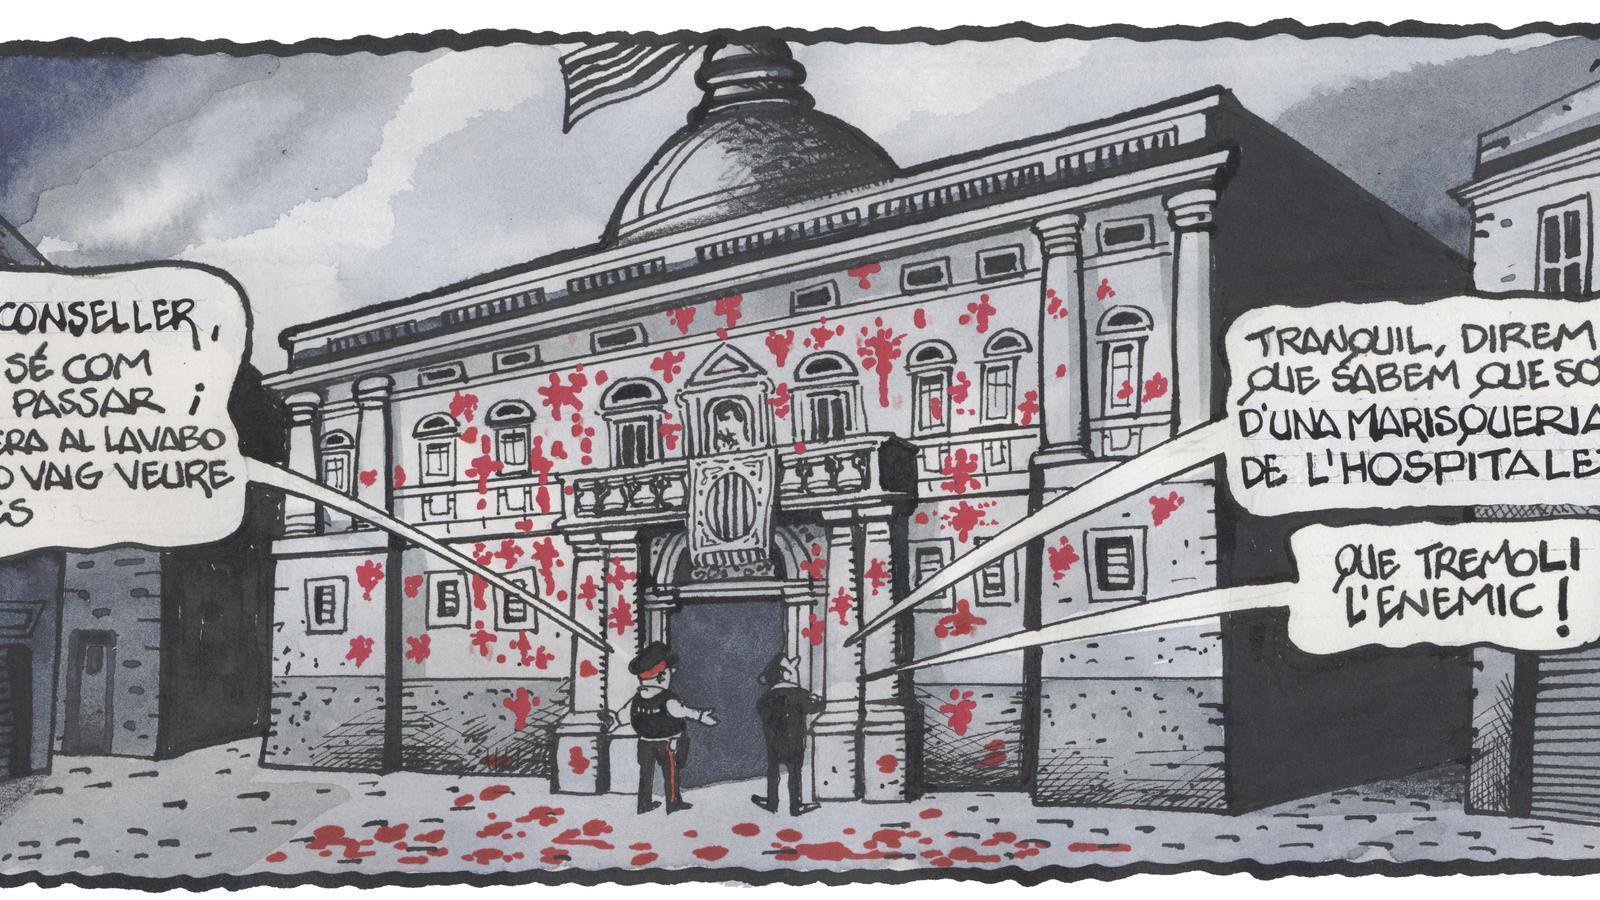 'A la contra', per Ferreres (14/11/2020)